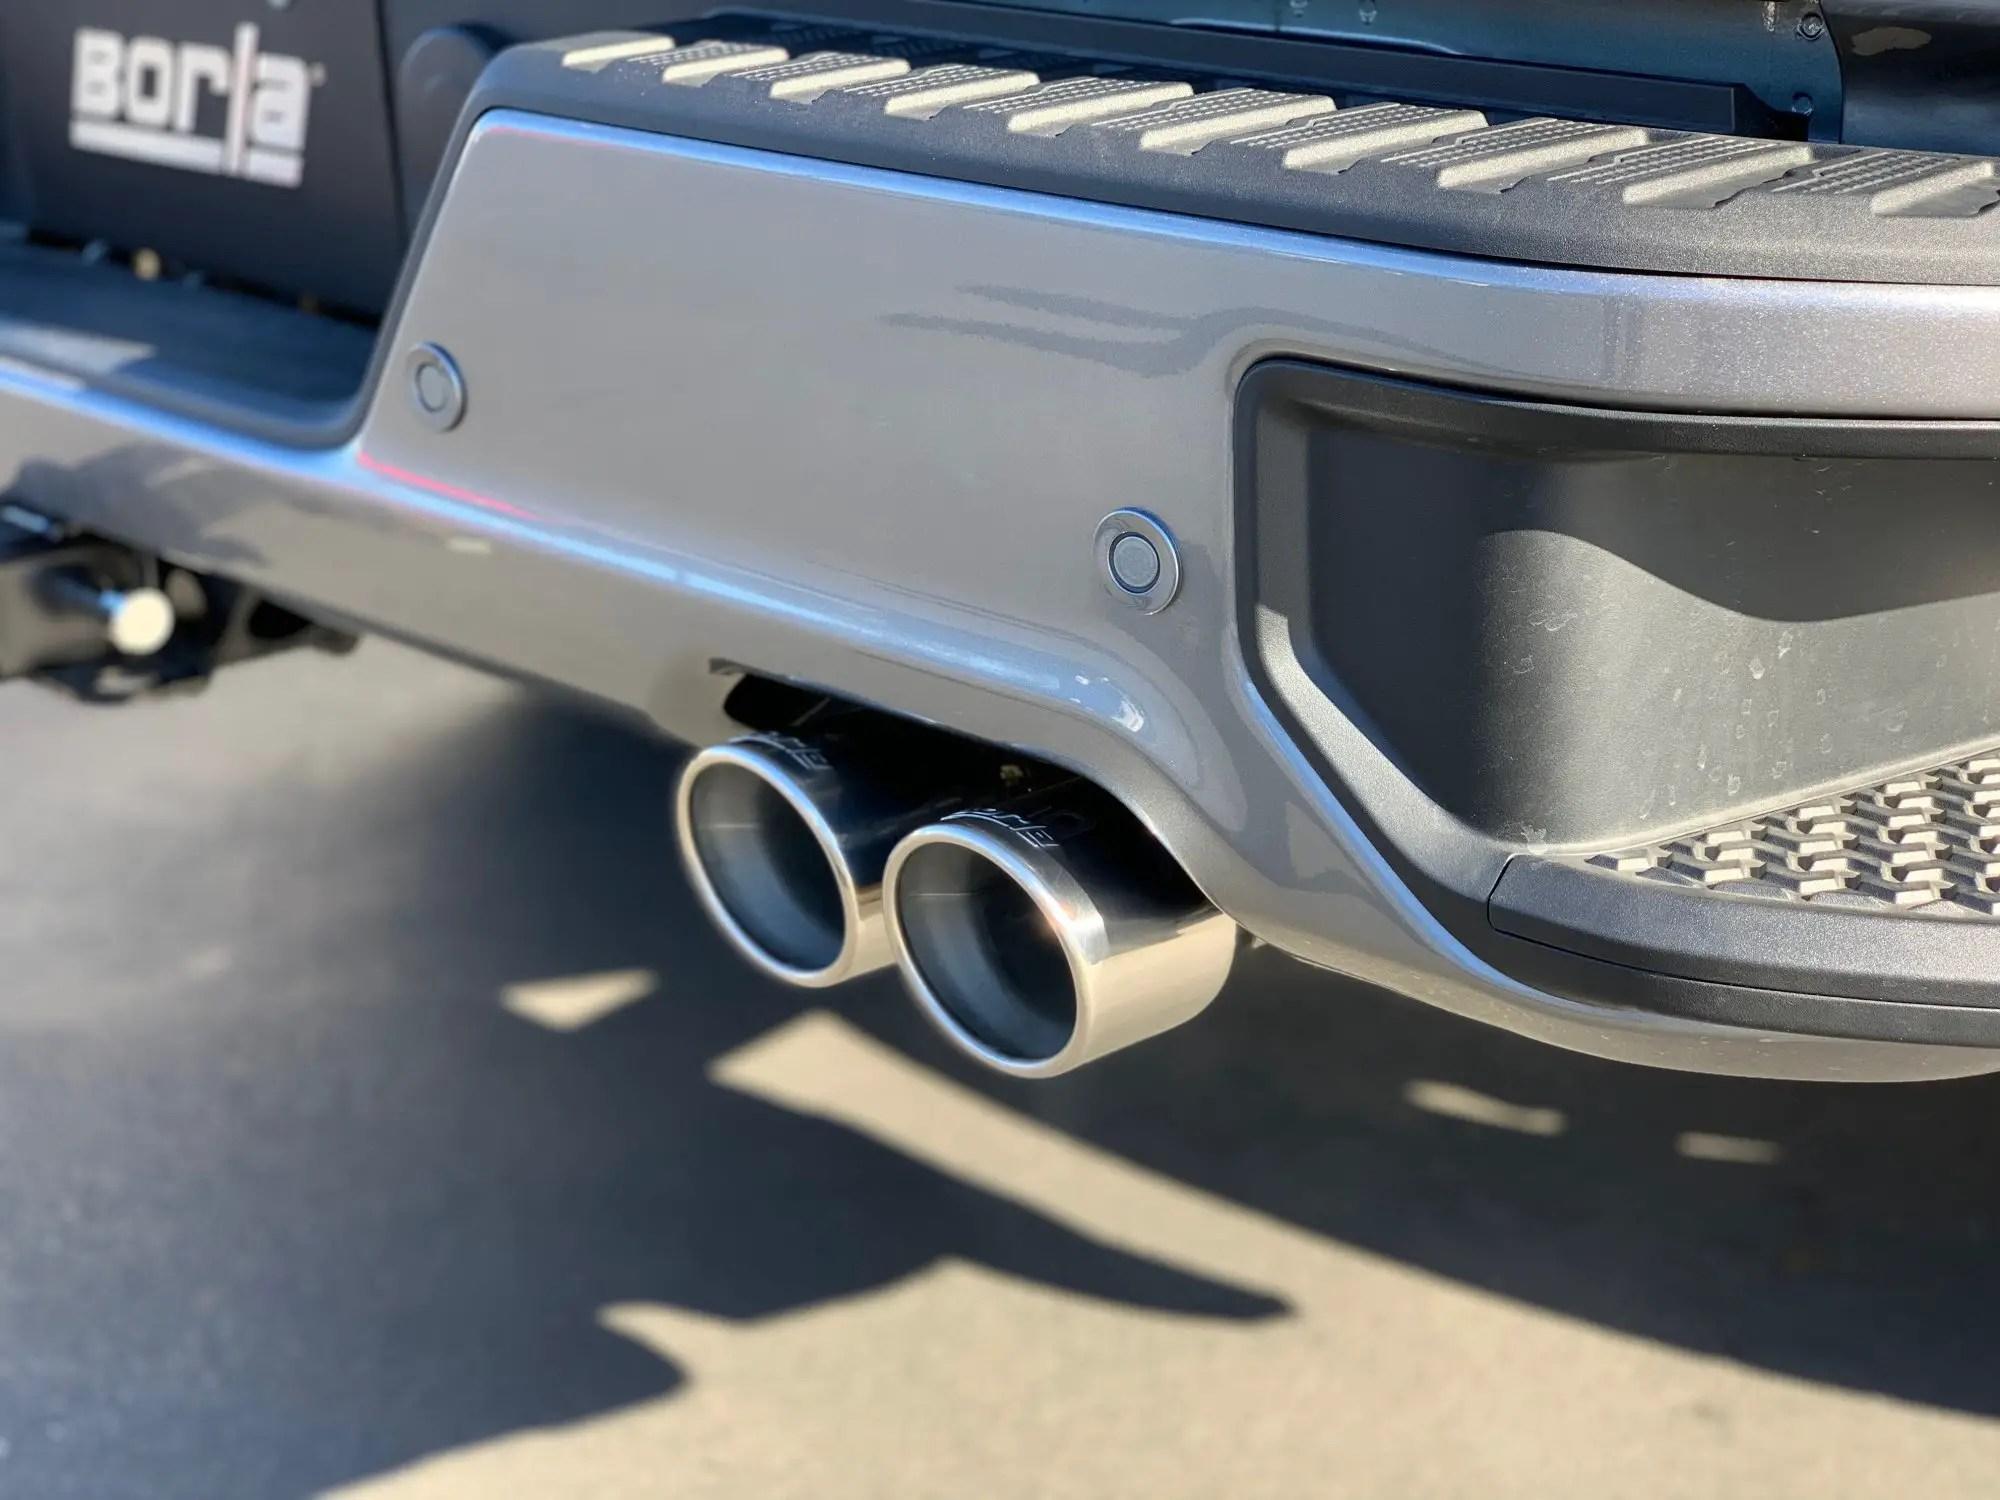 borla quad tip exhaust for the sierra